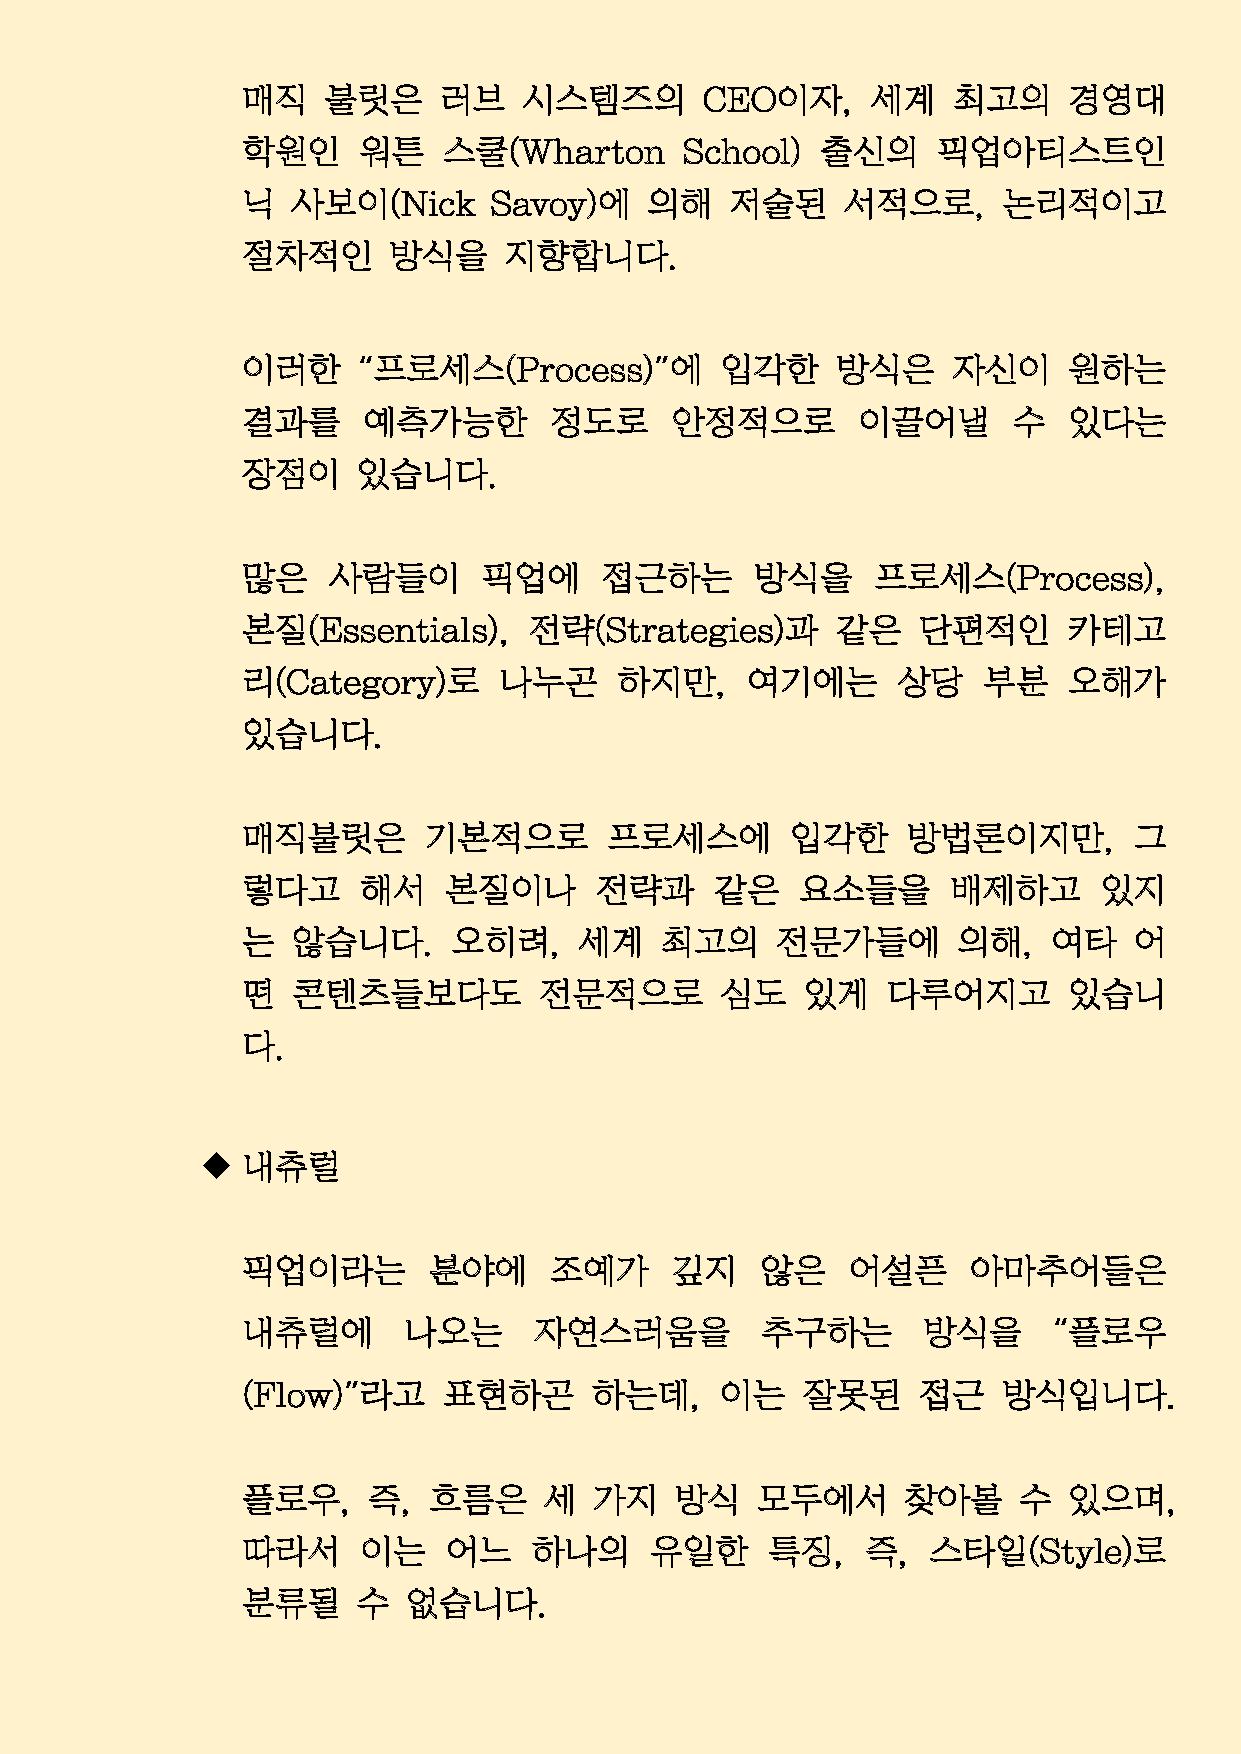 이용매뉴얼_Page_13.png